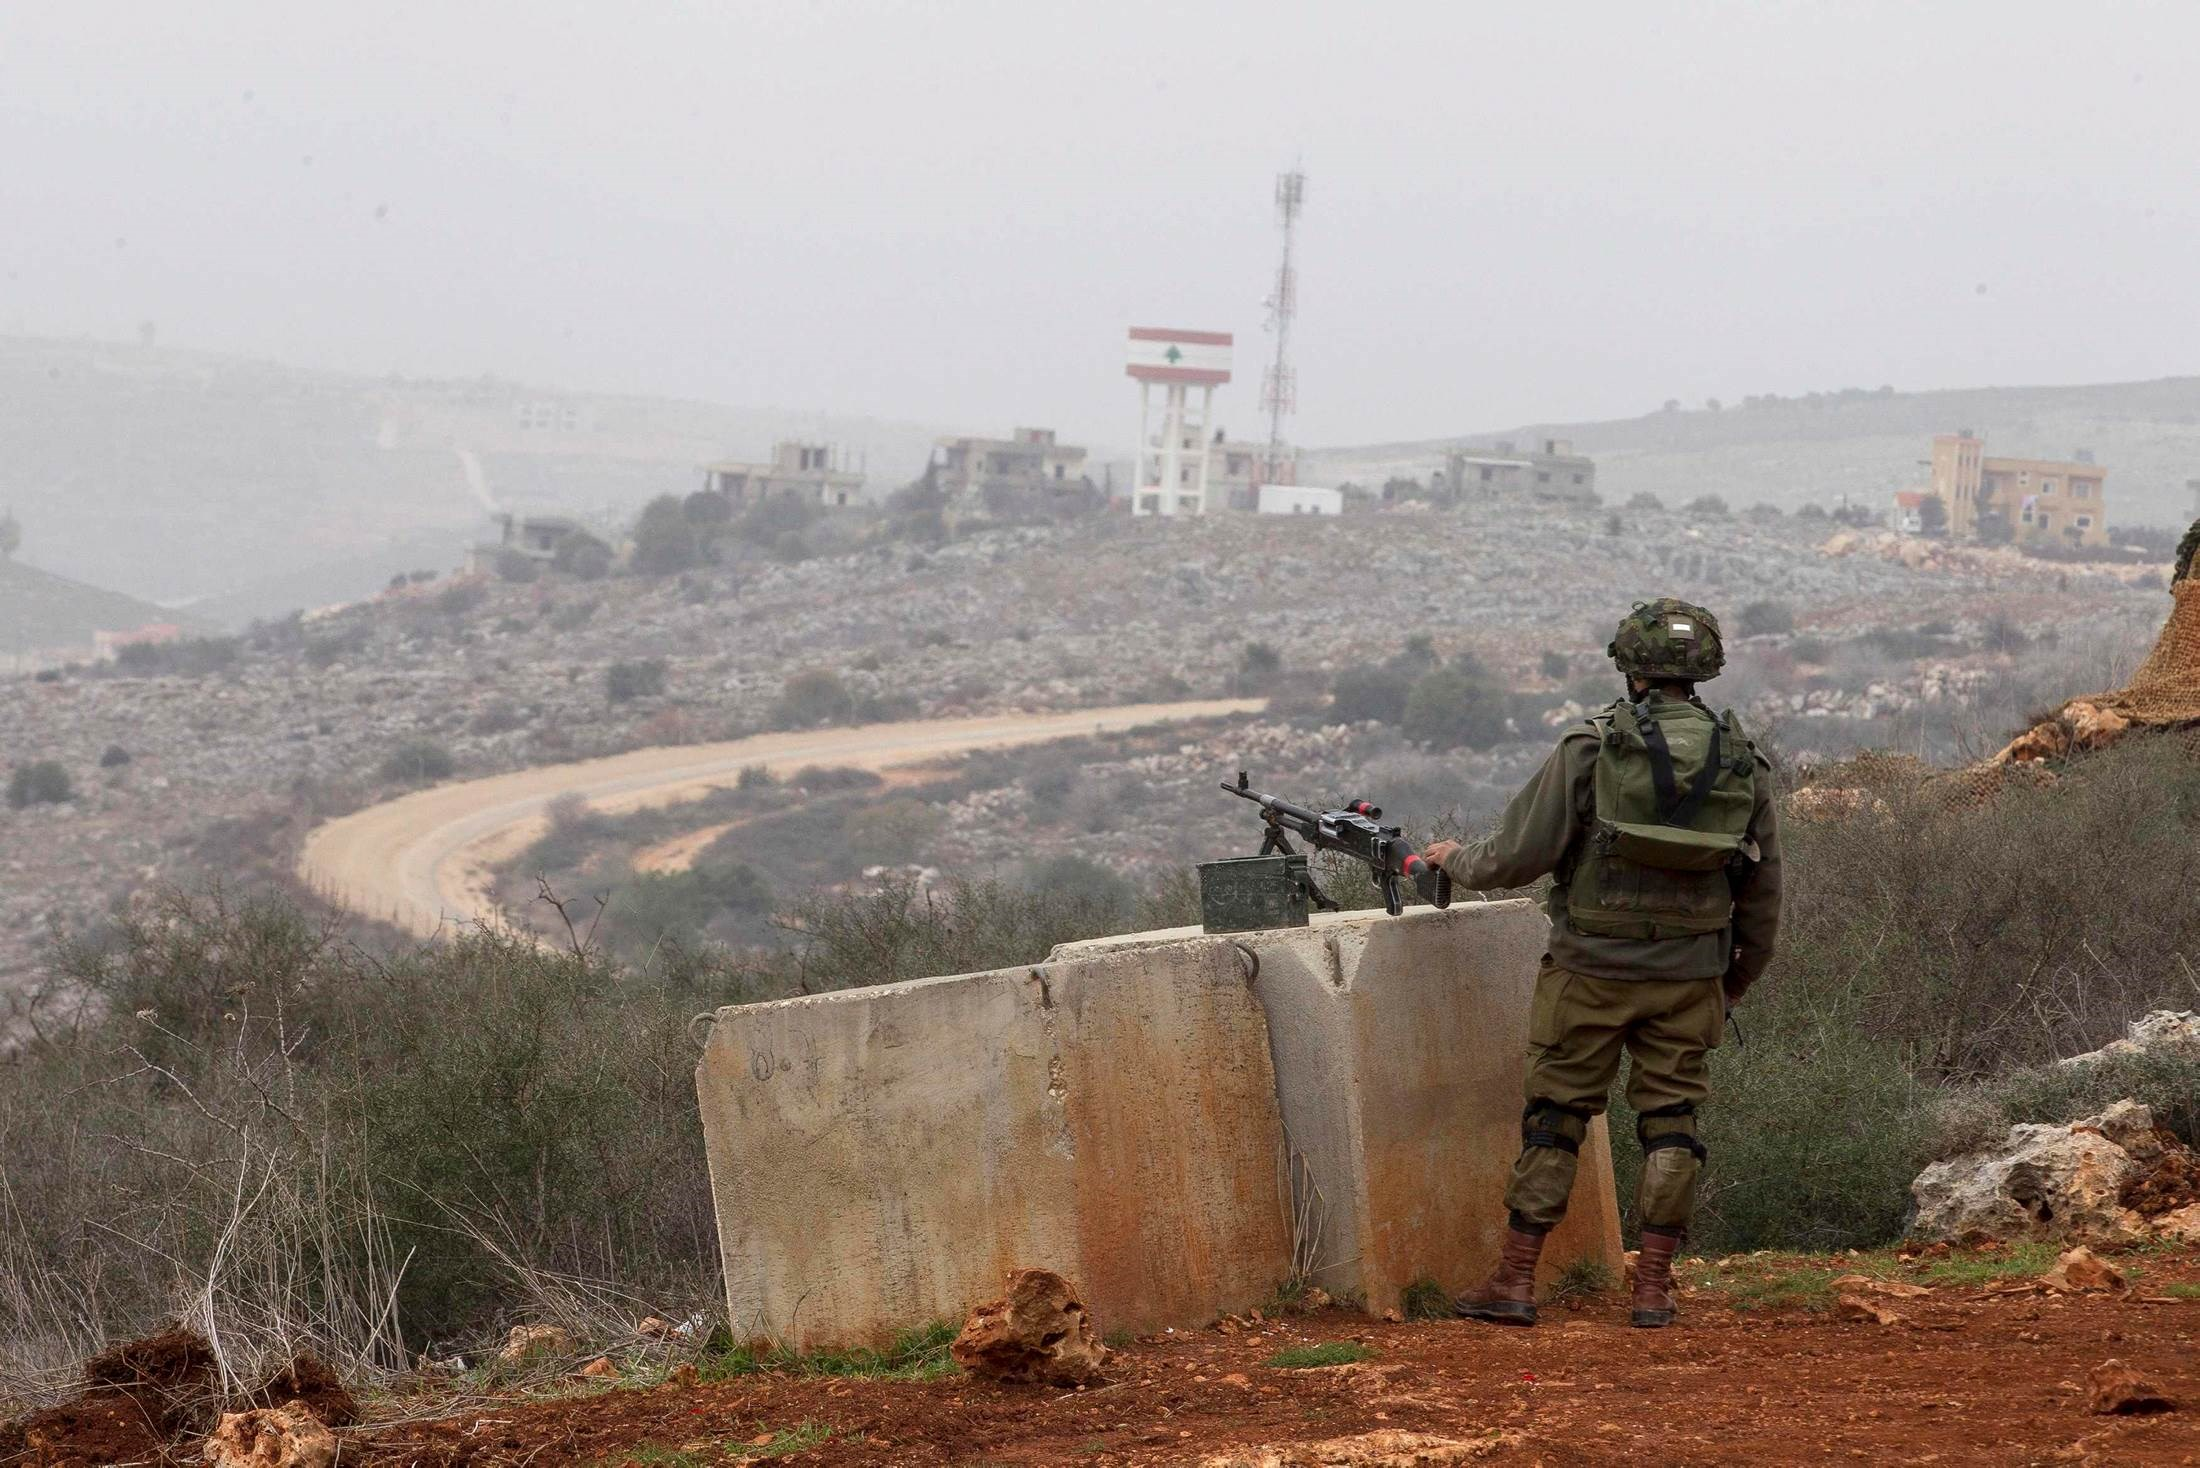 الحدود اللبنانية مع فلسطين المحتلة (صورة أرشيفية)